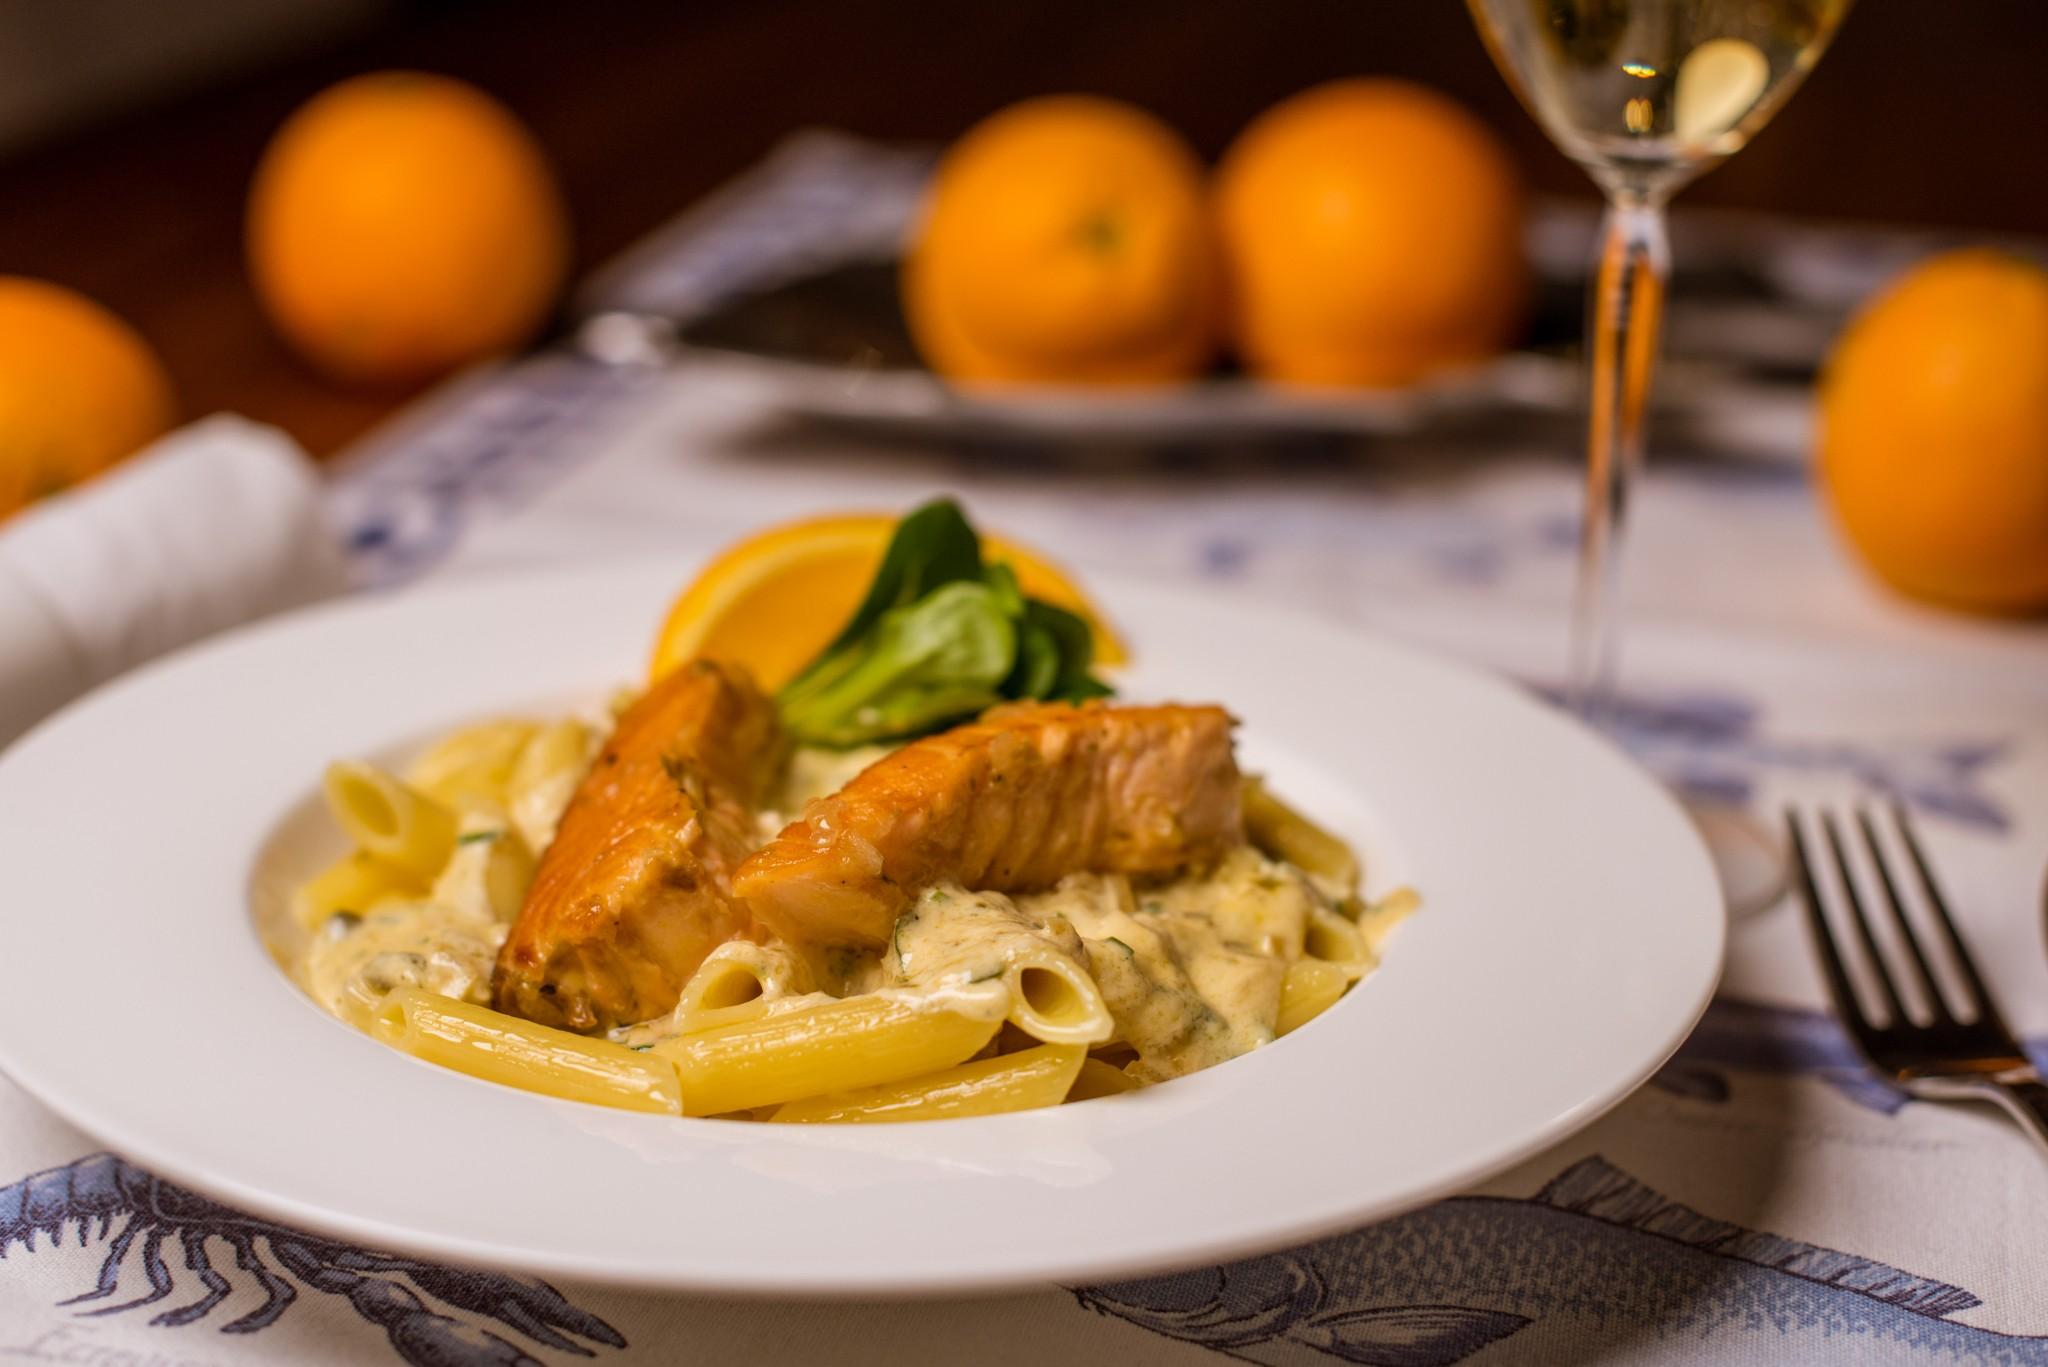 Pasta mit Lachs in Orangensauce